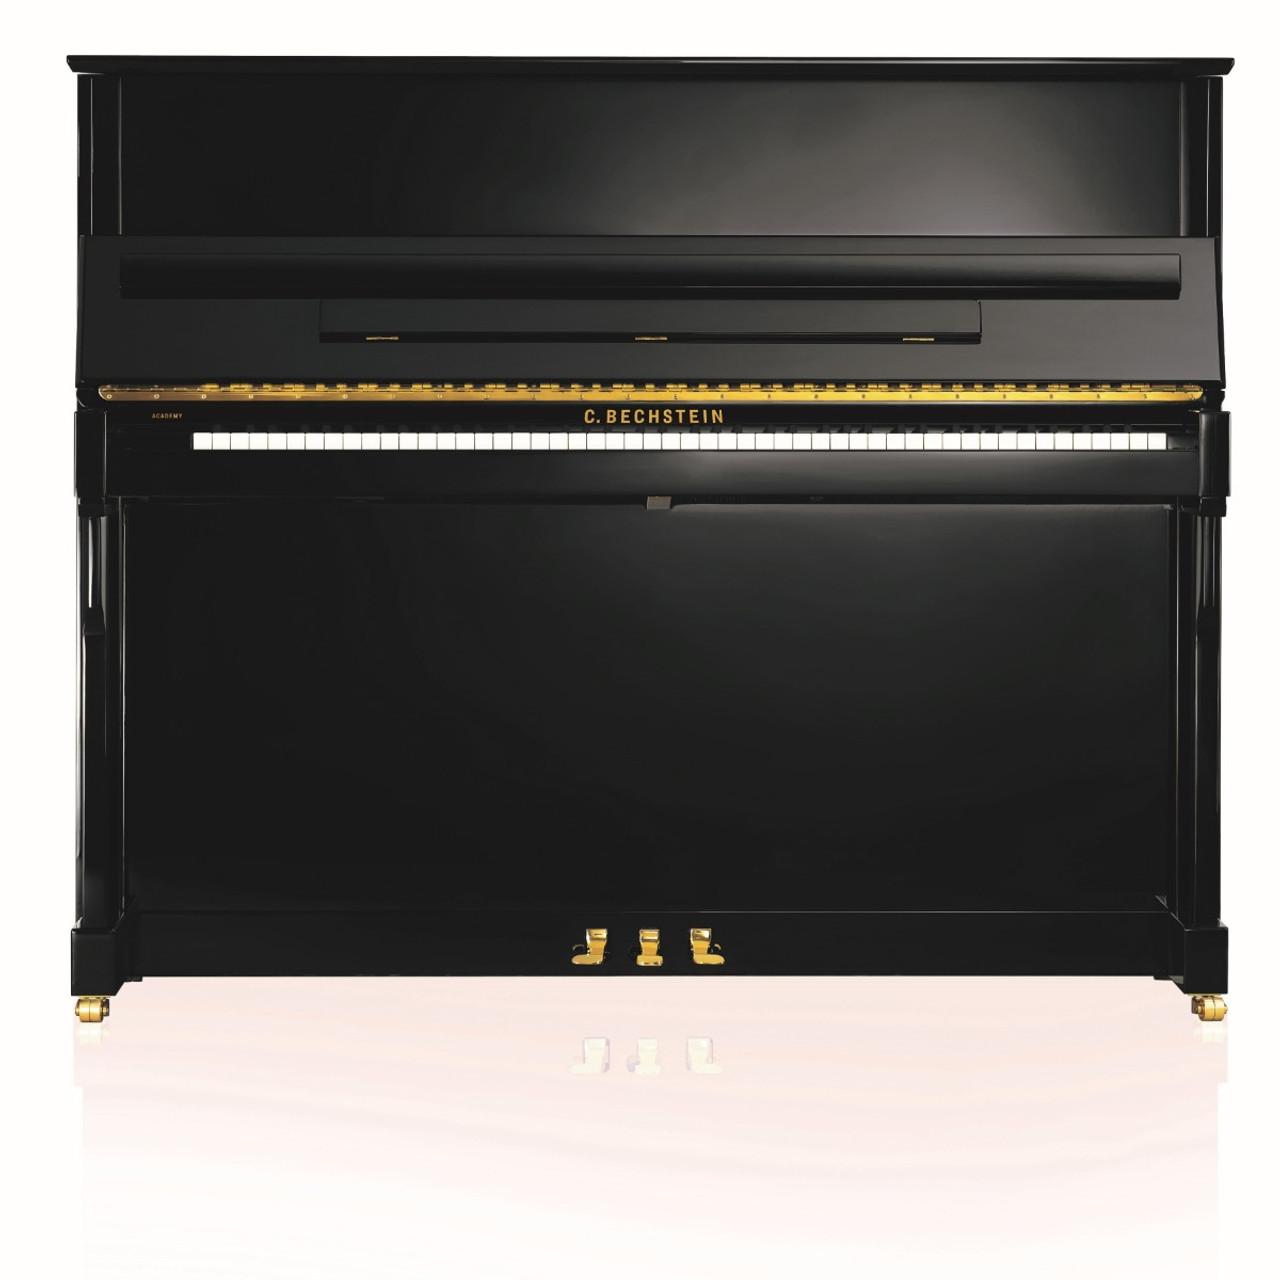 C.Bechstein A124 C.Bechstein A124 Academy style Piano